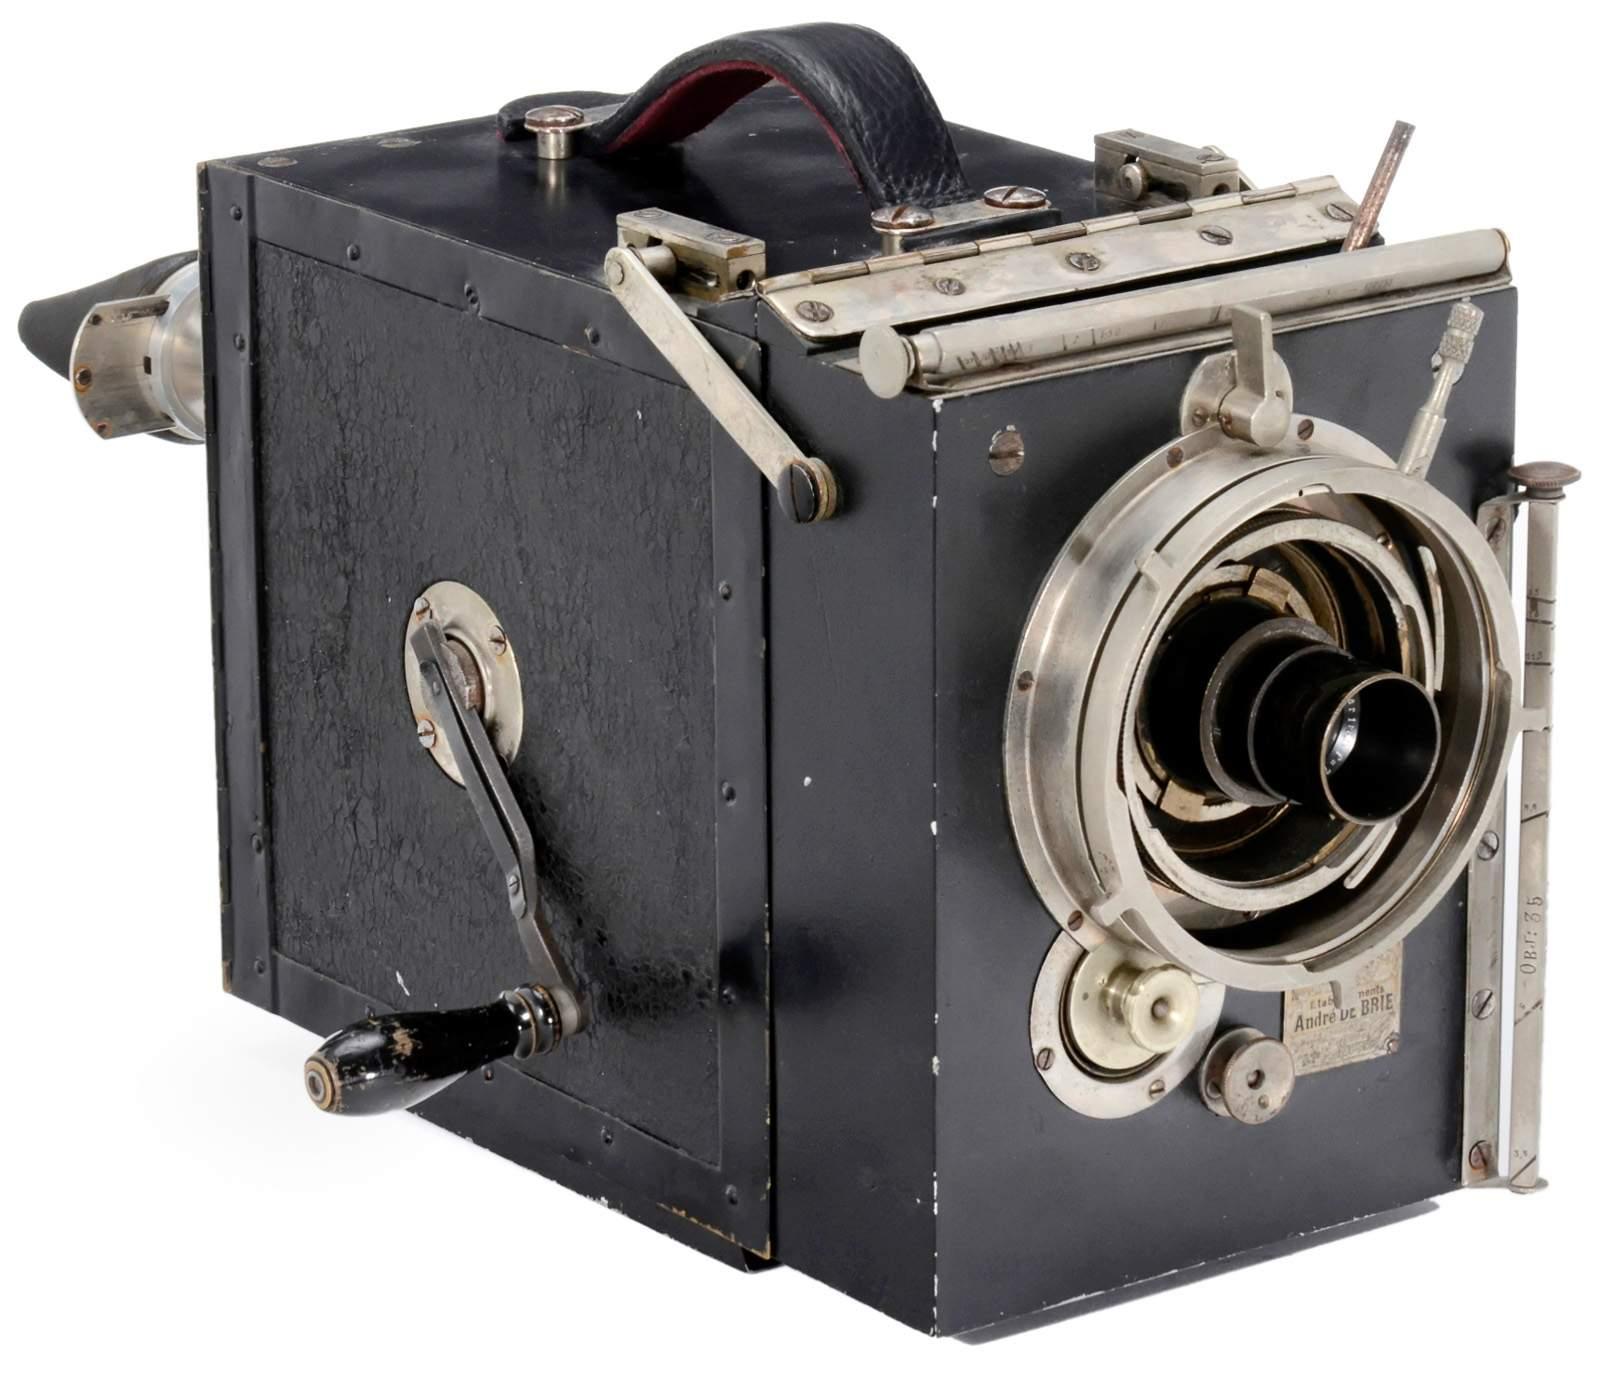 """Lot 623 - Debrie """"Le Parvo"""" K, c. 1922 Joseph Debrie, Paris. 35 mm movie camera for 120 m film, 2 cassettes"""